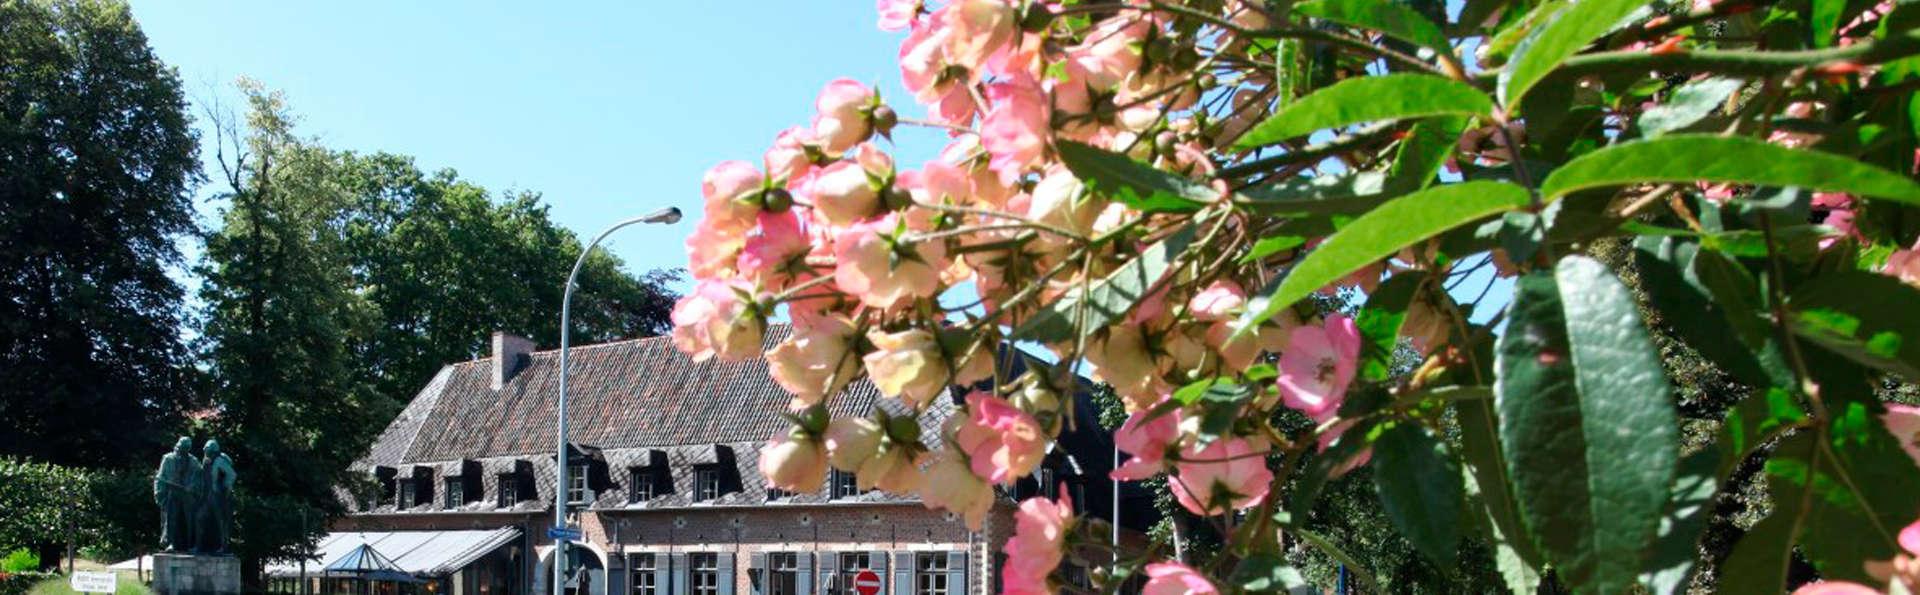 Week-end de charme dans la région de Louvain